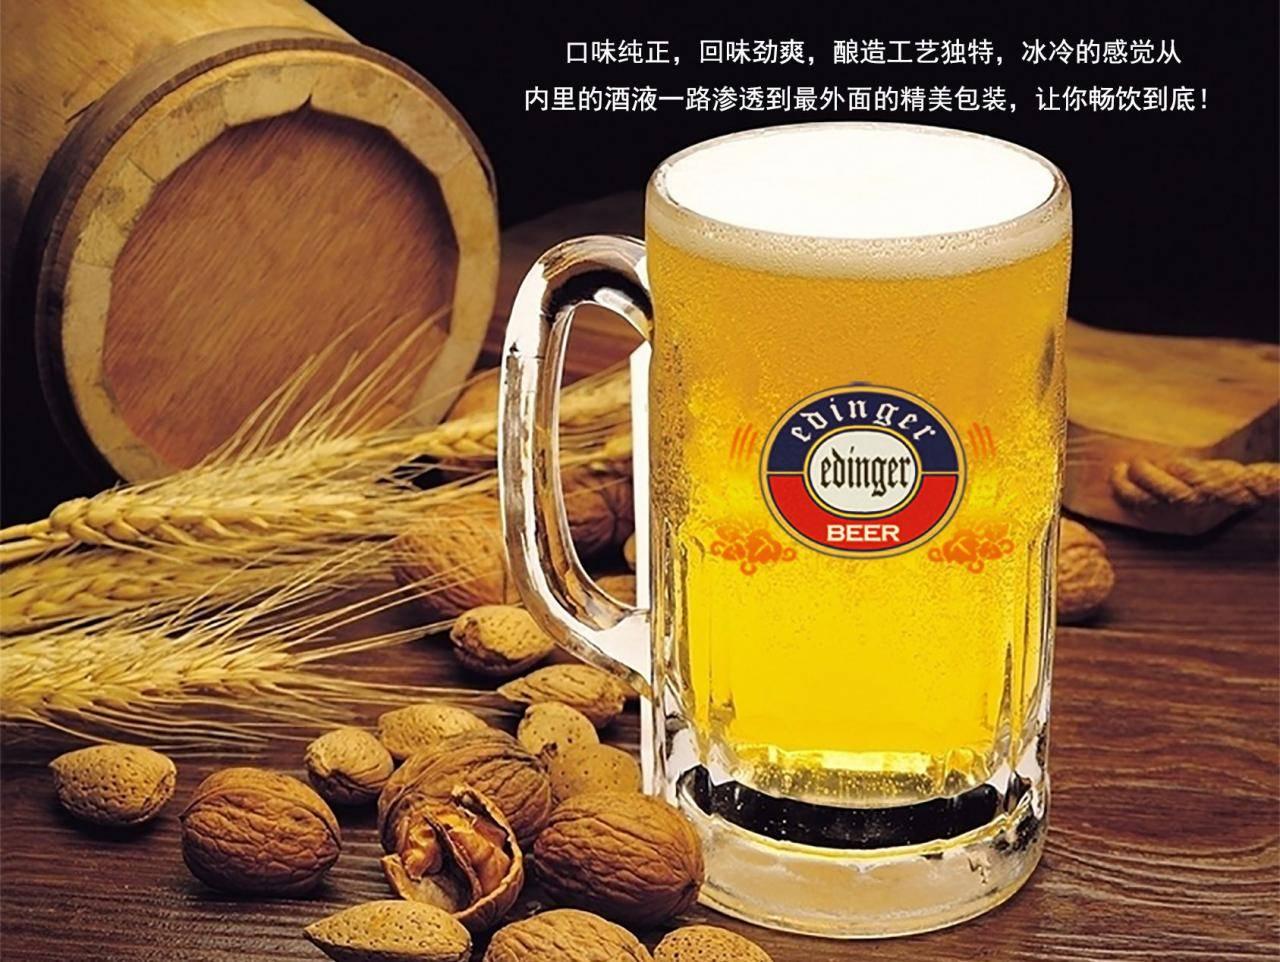 各国精酿啤酒品牌-精酿啤酒的品牌有哪些-大麦丫-精酿啤酒连锁超市,工厂店平价酒吧免费加盟